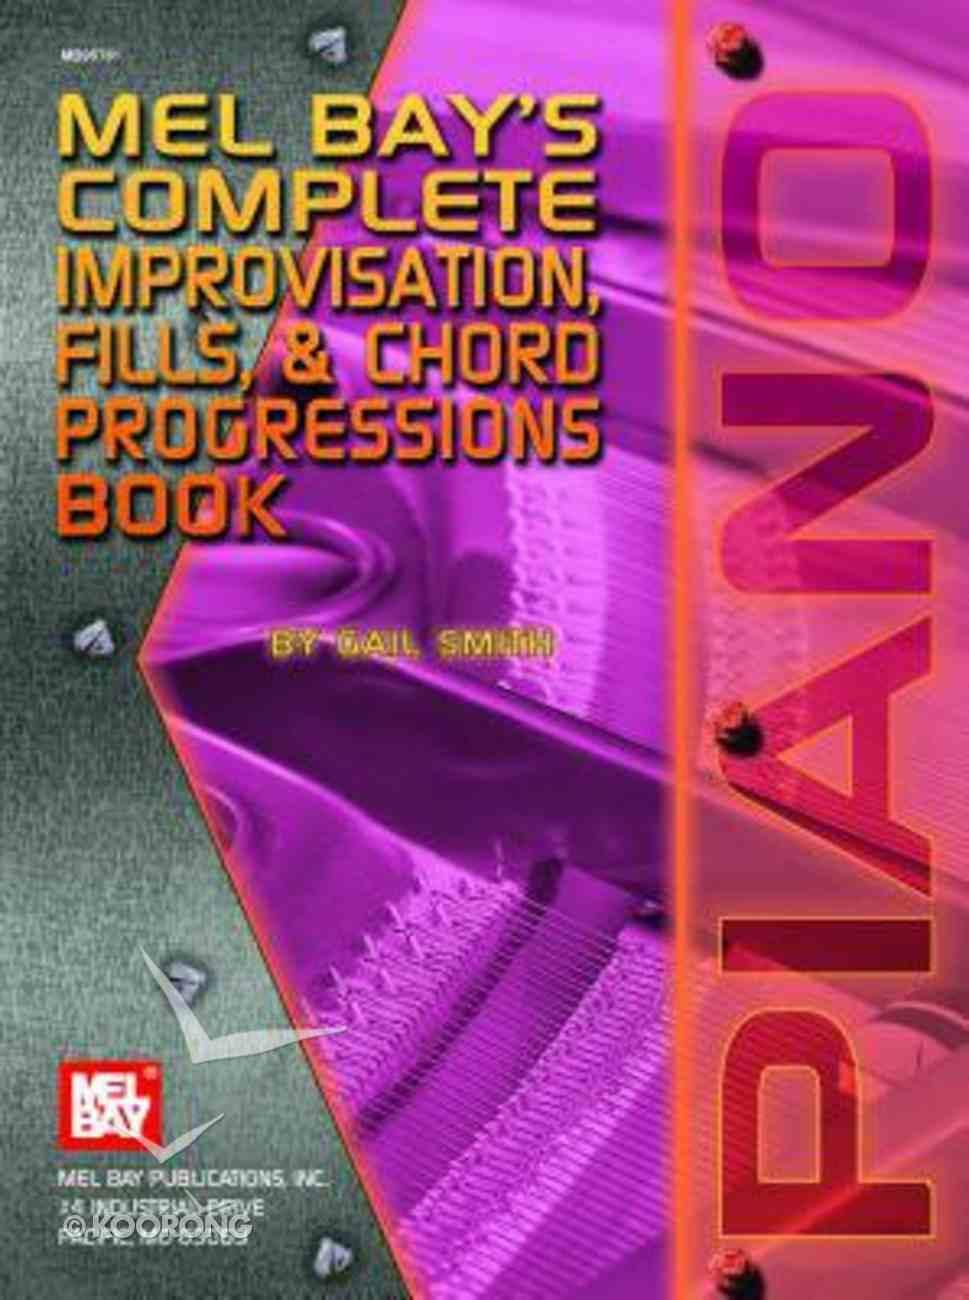 Mel Bay's Complete Improvisation, Fills, & Chord Progrssions Book Paperback